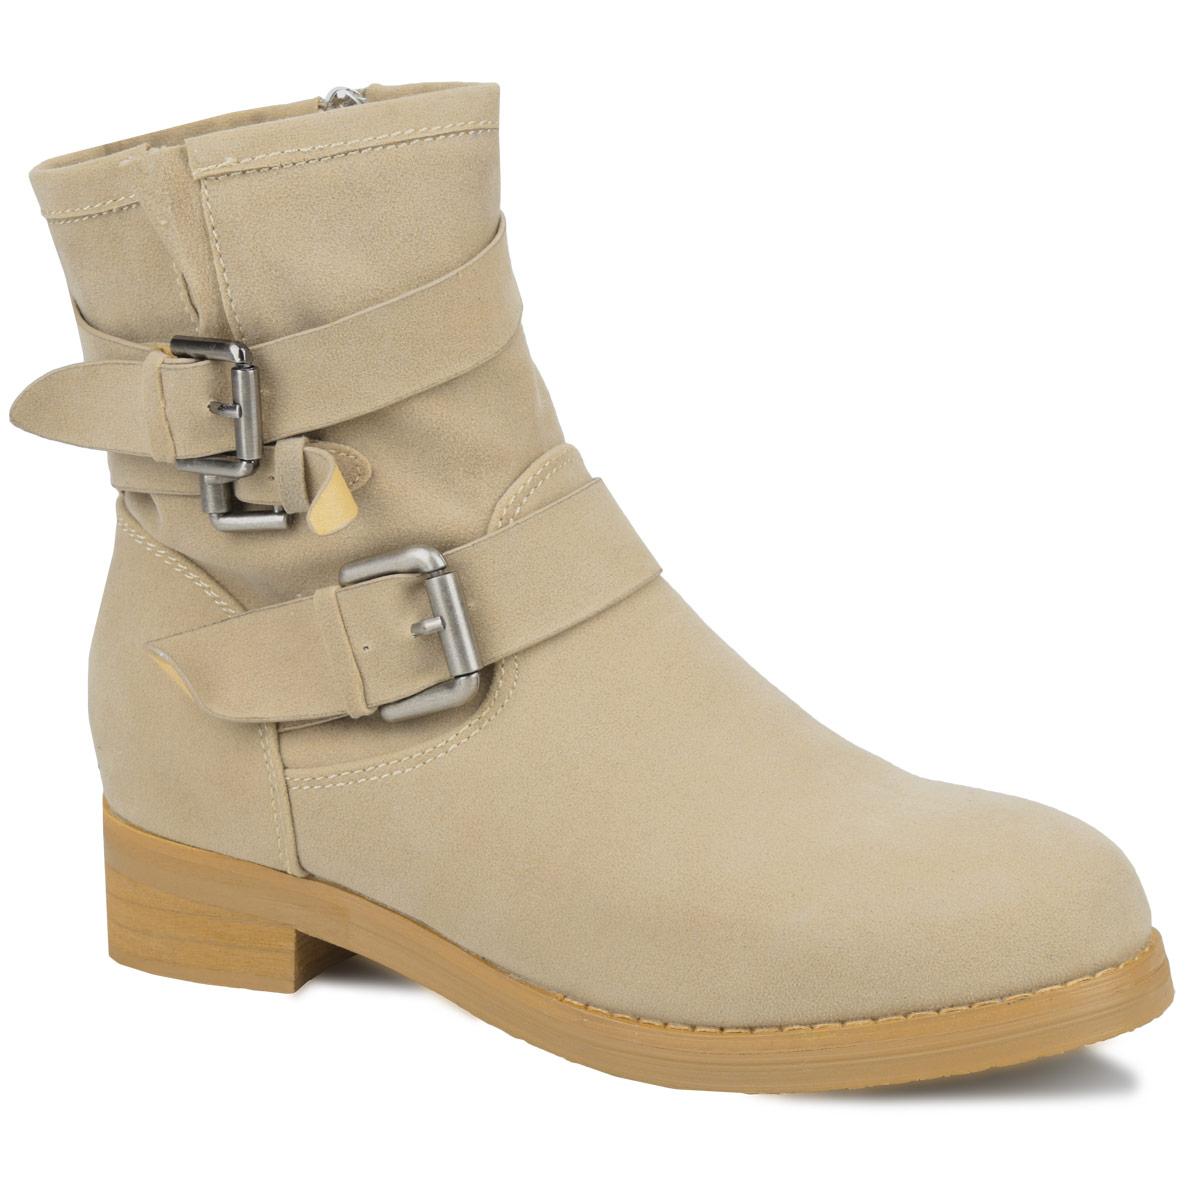 Ботинки женские. YA3-037-01 AX/DXYA3-037-01 AXУдобные ботинки от Yaro займут достойное место в вашем гардеробе. Модель выполнена из искусственного спилока и оформлена лаконичной прострочкой, тремя декоративными ремешками с металлическими пряжками (один ремешок расположен на подъеме, два ремешка, пропущенные через шлевки на заднем ремне, украшают голенище). Ботинки застегиваются при помощи застежки-молнии, расположенной на одной из боковых сторон. Подкладка и стелька из байки согреют ваши ноги в холодную погоду. Умеренной высоты каблук стилизован под дерево. Рифленая поверхность подошвы гарантирует отличное сцепление с любыми поверхностями. В таких ботинках вы всегда будете чувствовать себя уютно и комфортно!